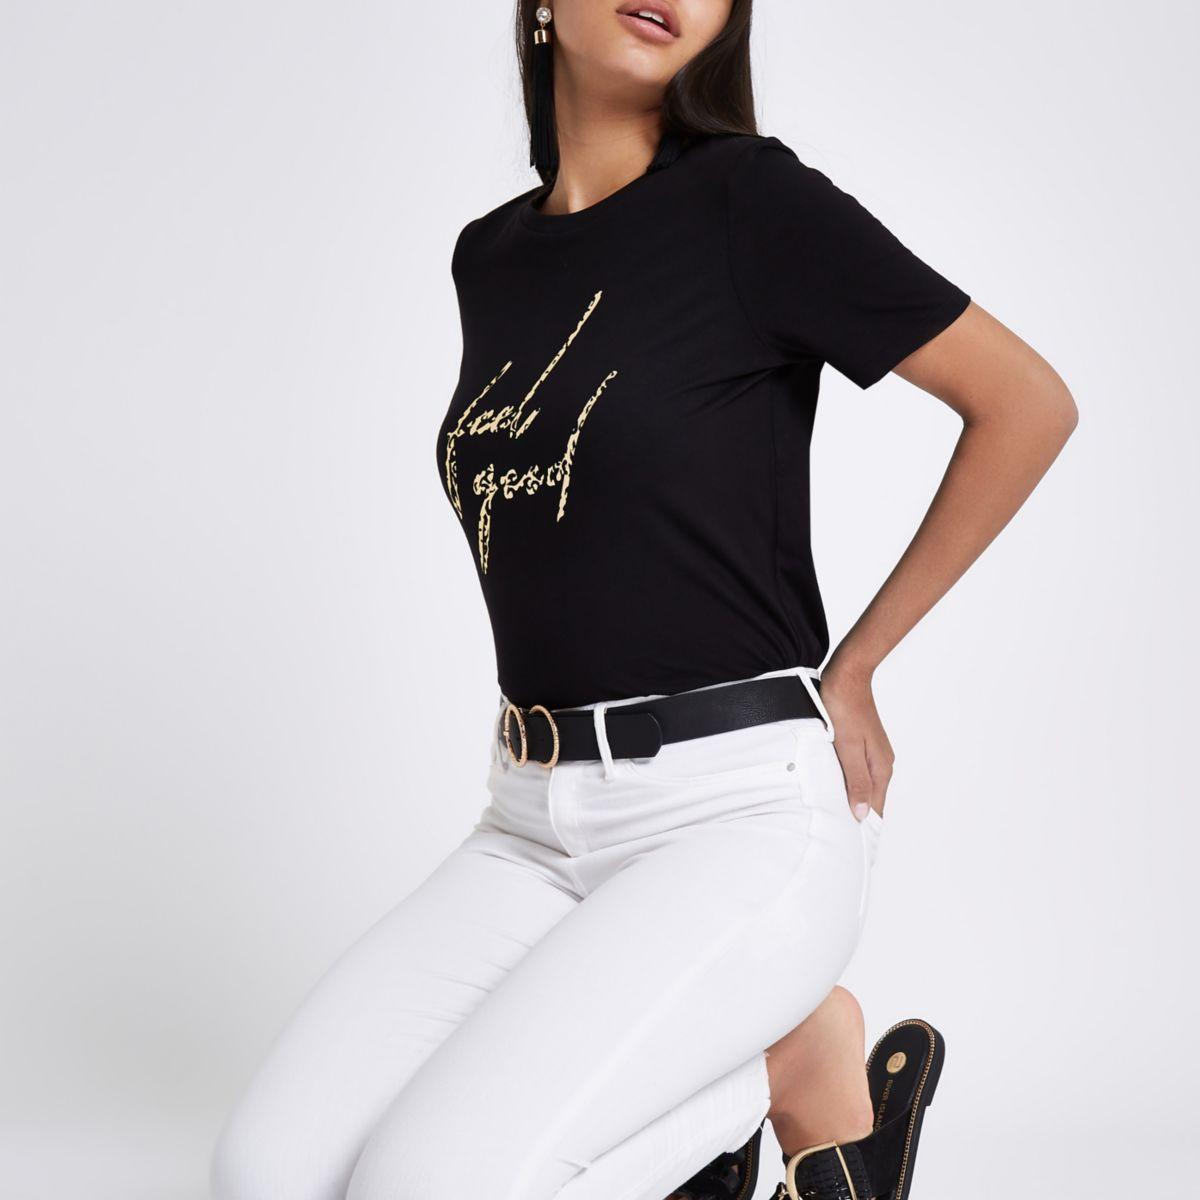 Zwart T-shirt met 'feel good'- en luipaardprint